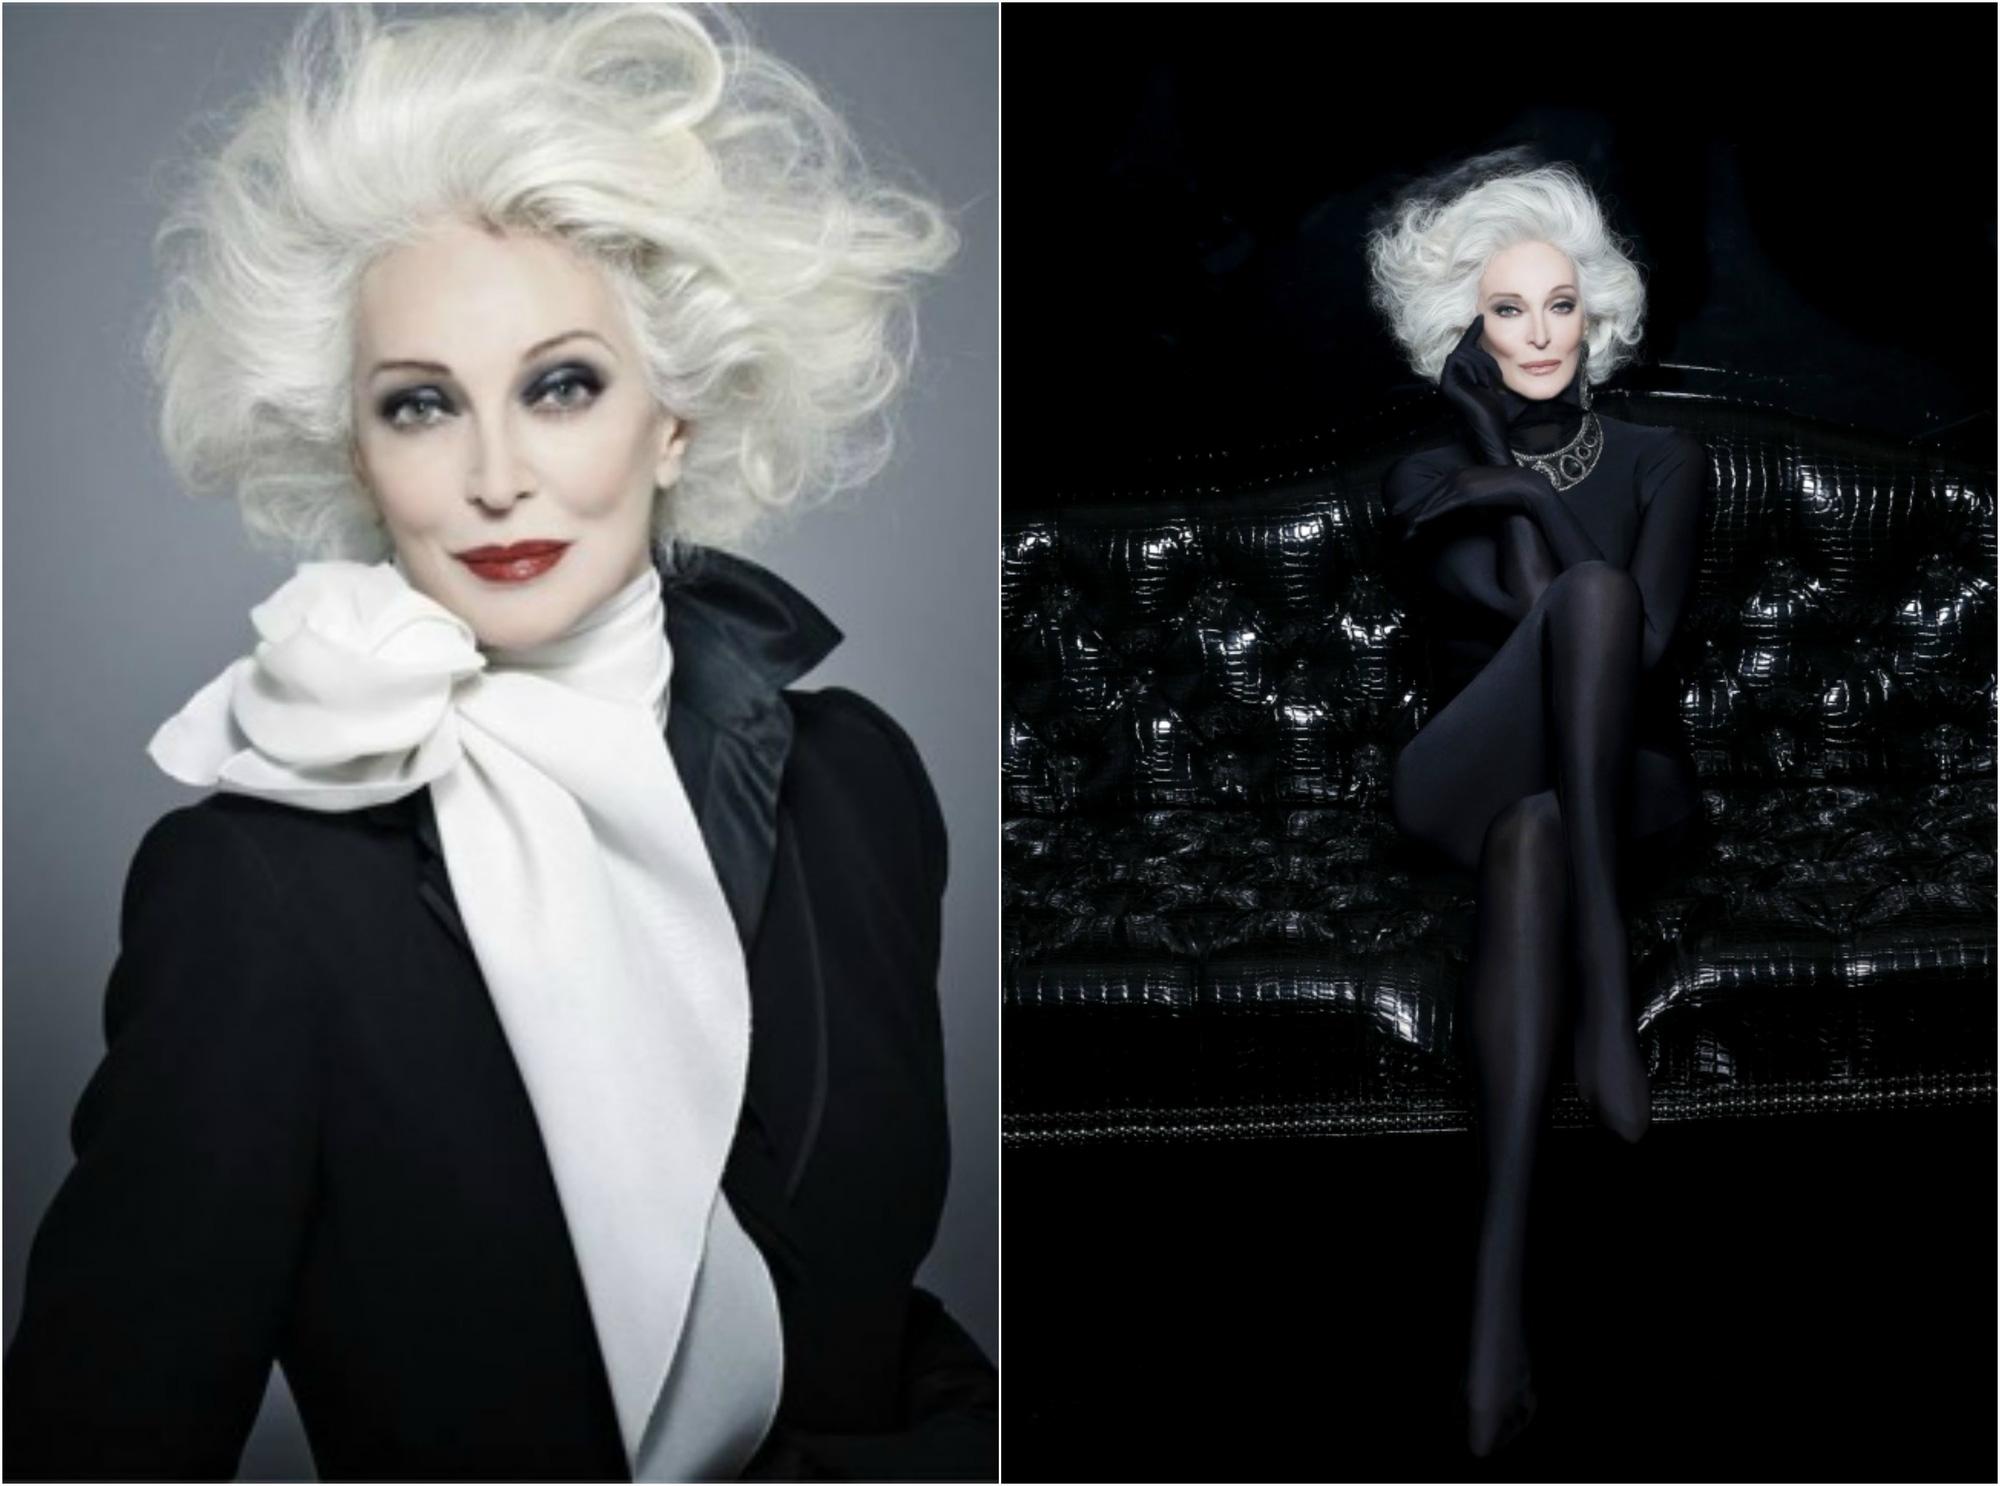 Siêu mẫu 90 tuổi: Đừng bị giới hạn bởi sự già nua, hãy là chính mình như khi đang trẻ khỏe-11